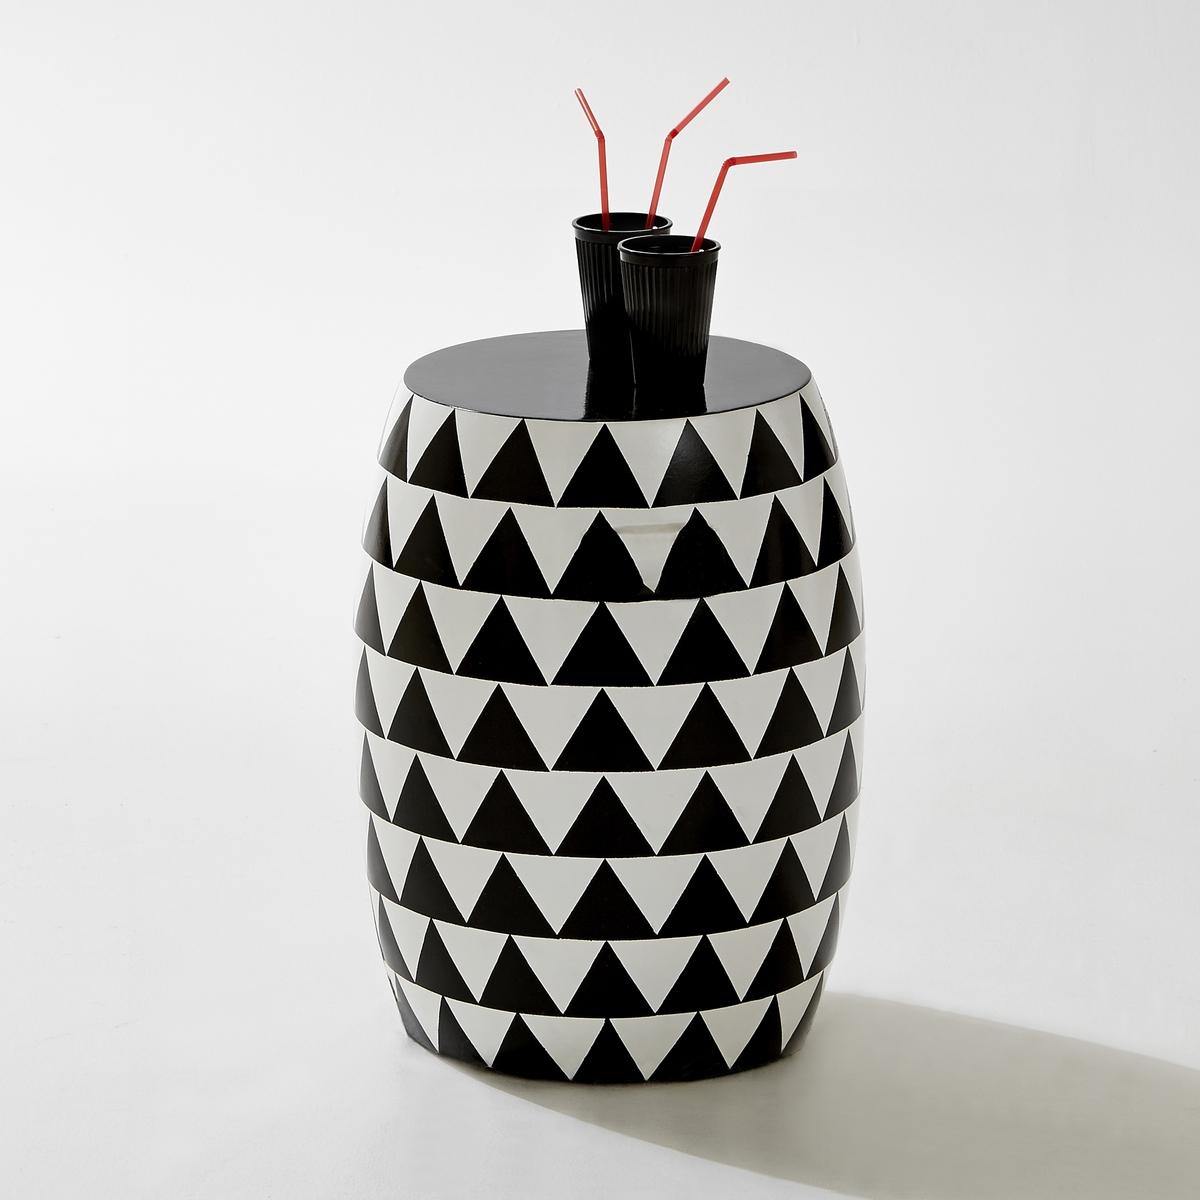 Табурет садовый цилиндрической формыМозаичный рисунок треугольники на цементном волокне для уникальности стиля!Характеристики садового табурета:Рисунок треугольники.Цементное волокно.Цилиндрическая форма.Для использования в помещении или на улице.Размеры садового табурета:Диаметр: 35 см.Высота 46 см.Размеры коробки:1 коробкаДлина 42 см.Ширина 42 см.Высота  57 см.Вес: 14 кг.Доставка:Данная модель табурета не требует сборки. Доставка осуществляется до квартиры по предварительной договоренности!Внимание! Внимание! Убедитесь в том, что посылку возможно доставить на дом, учитывая ее габариты (двери, лестницы, лифты)..<br><br>Цвет: оранжевый/ синий,черный/ белый